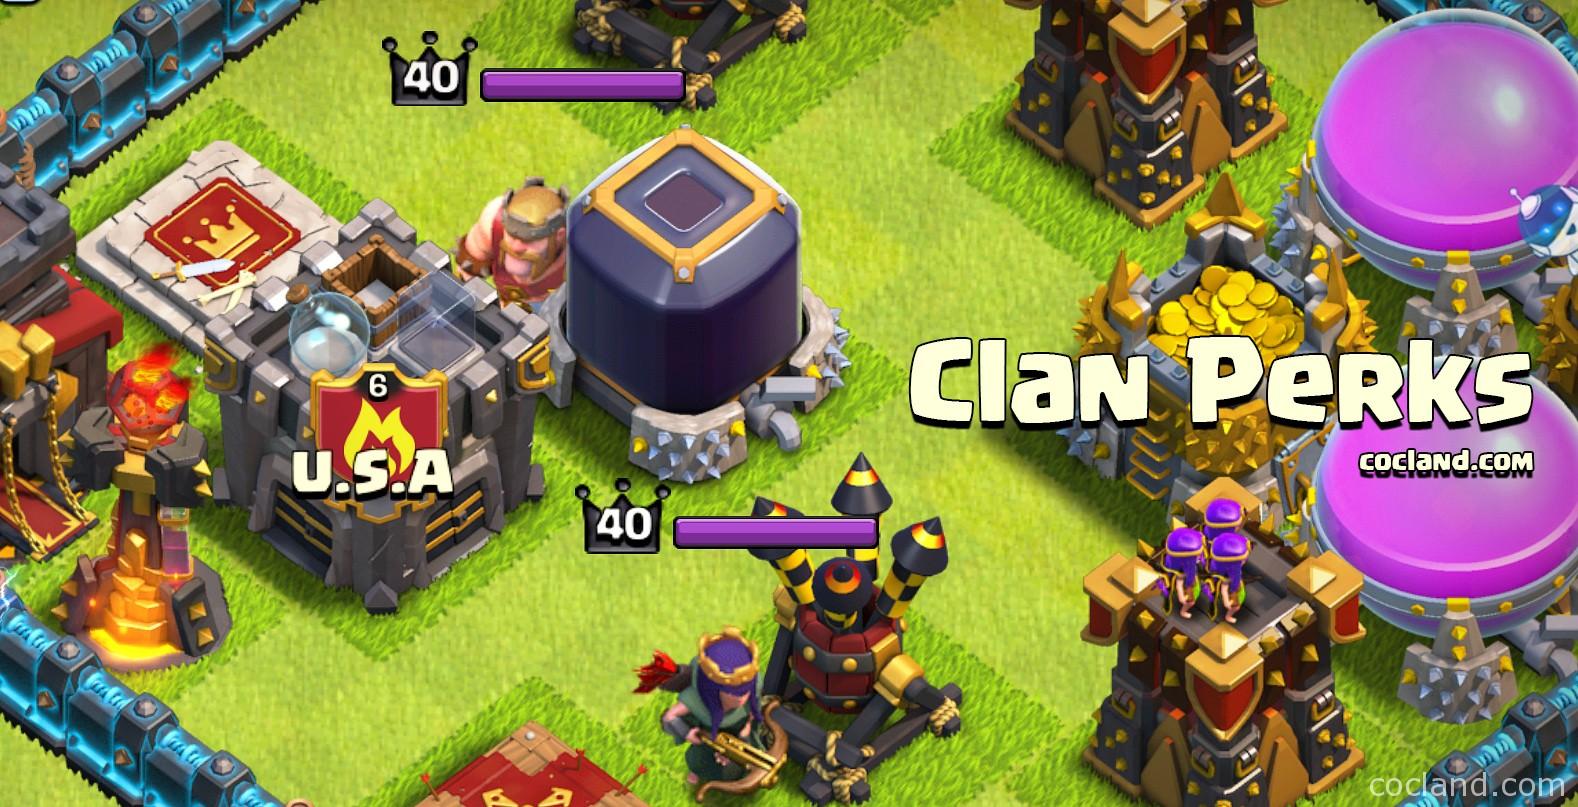 Clan Perks